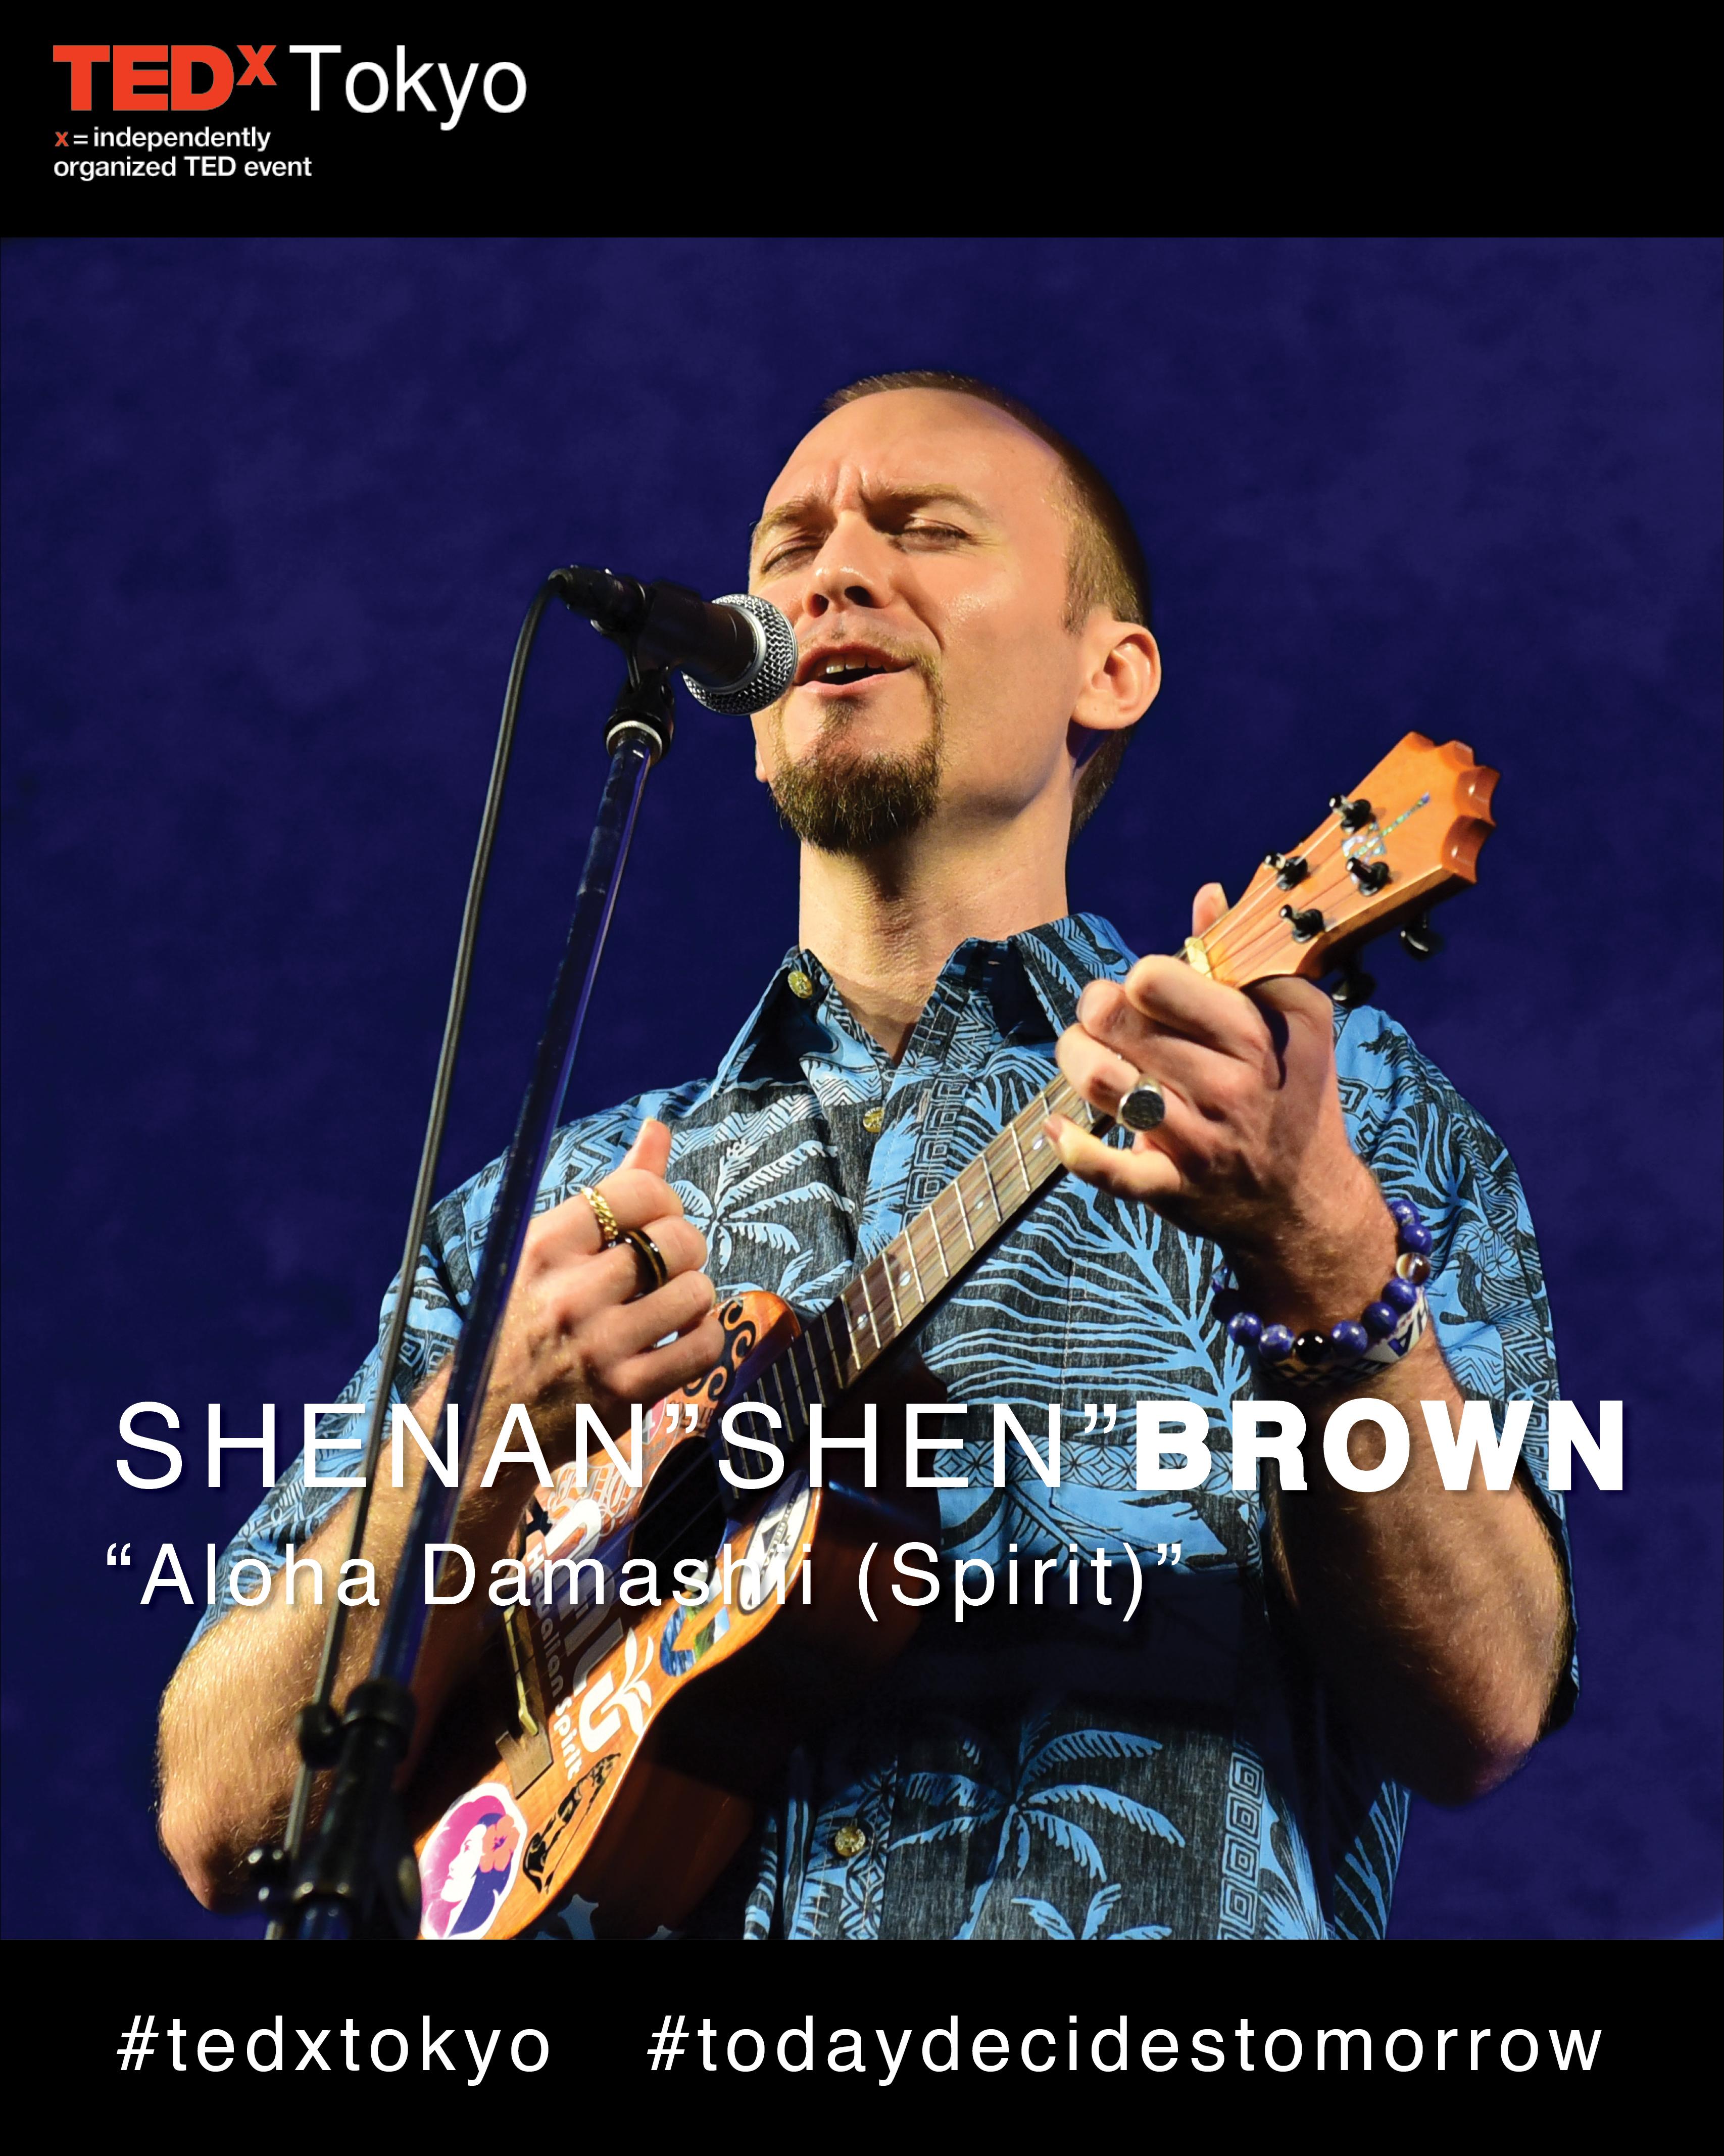 Shenan Shen Brown Aloha Damashii (Spirit)